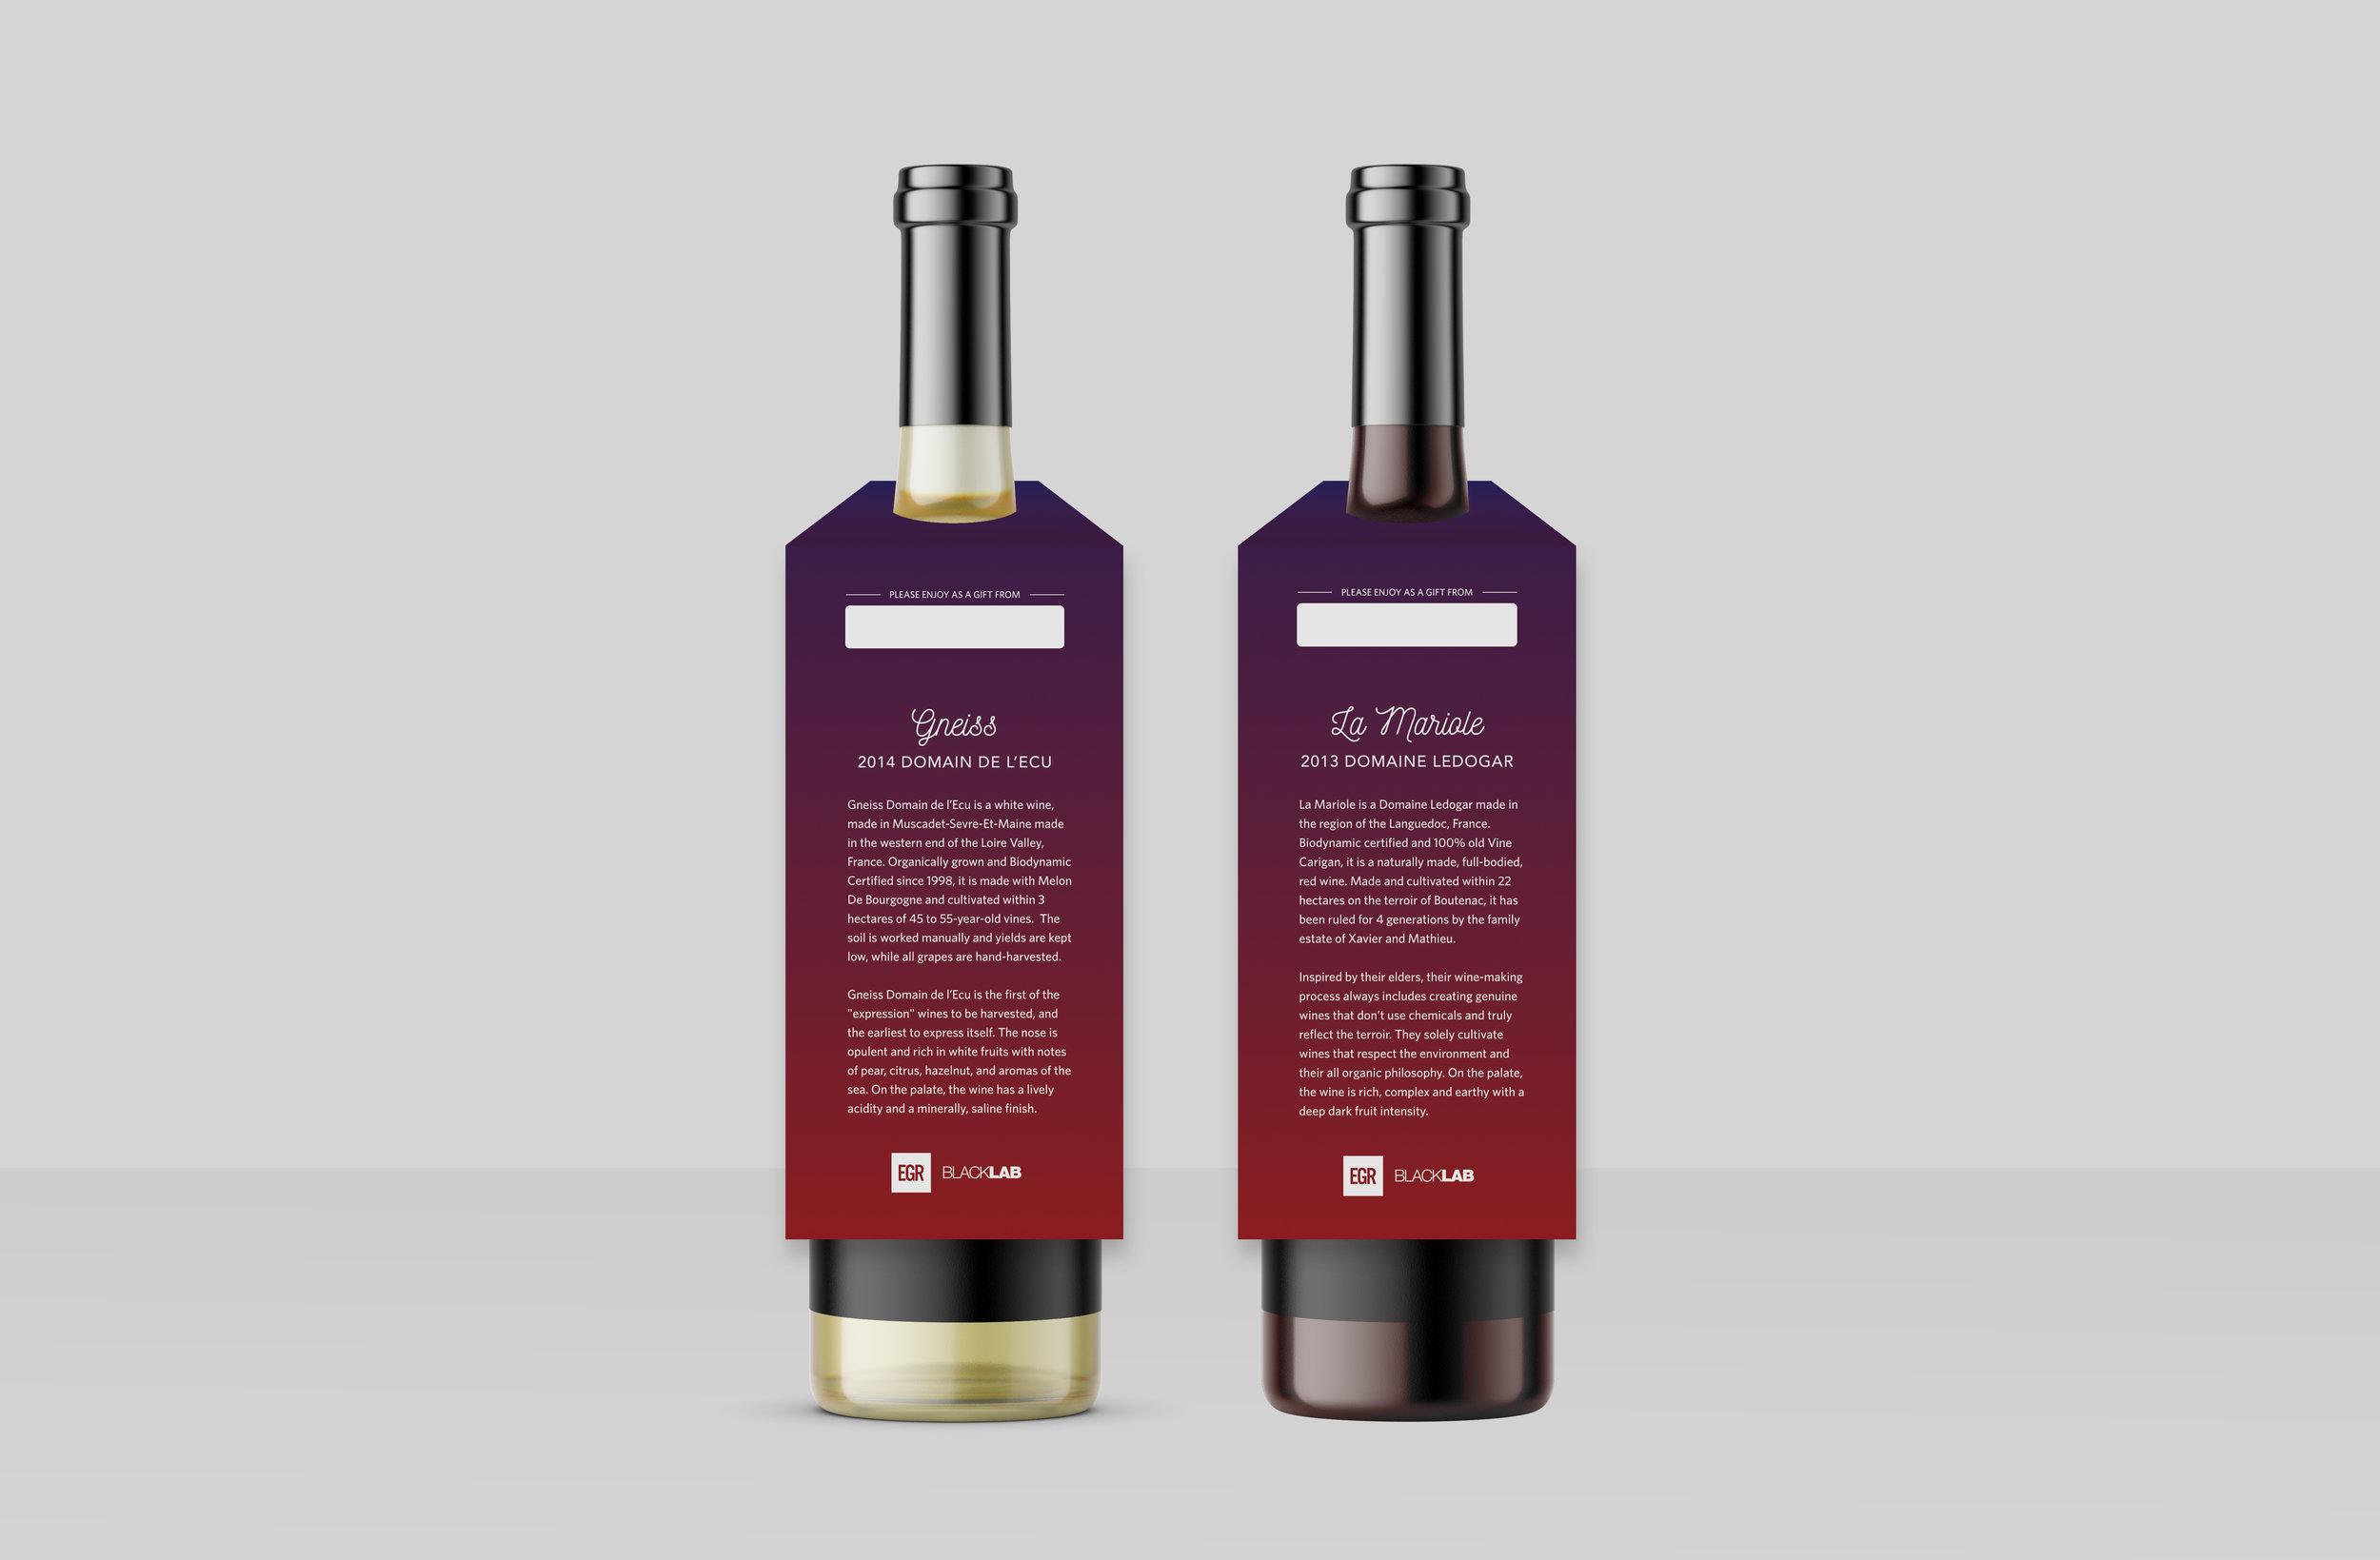 White_Wine_Bottle_Mockup_WineTage copy.jpg